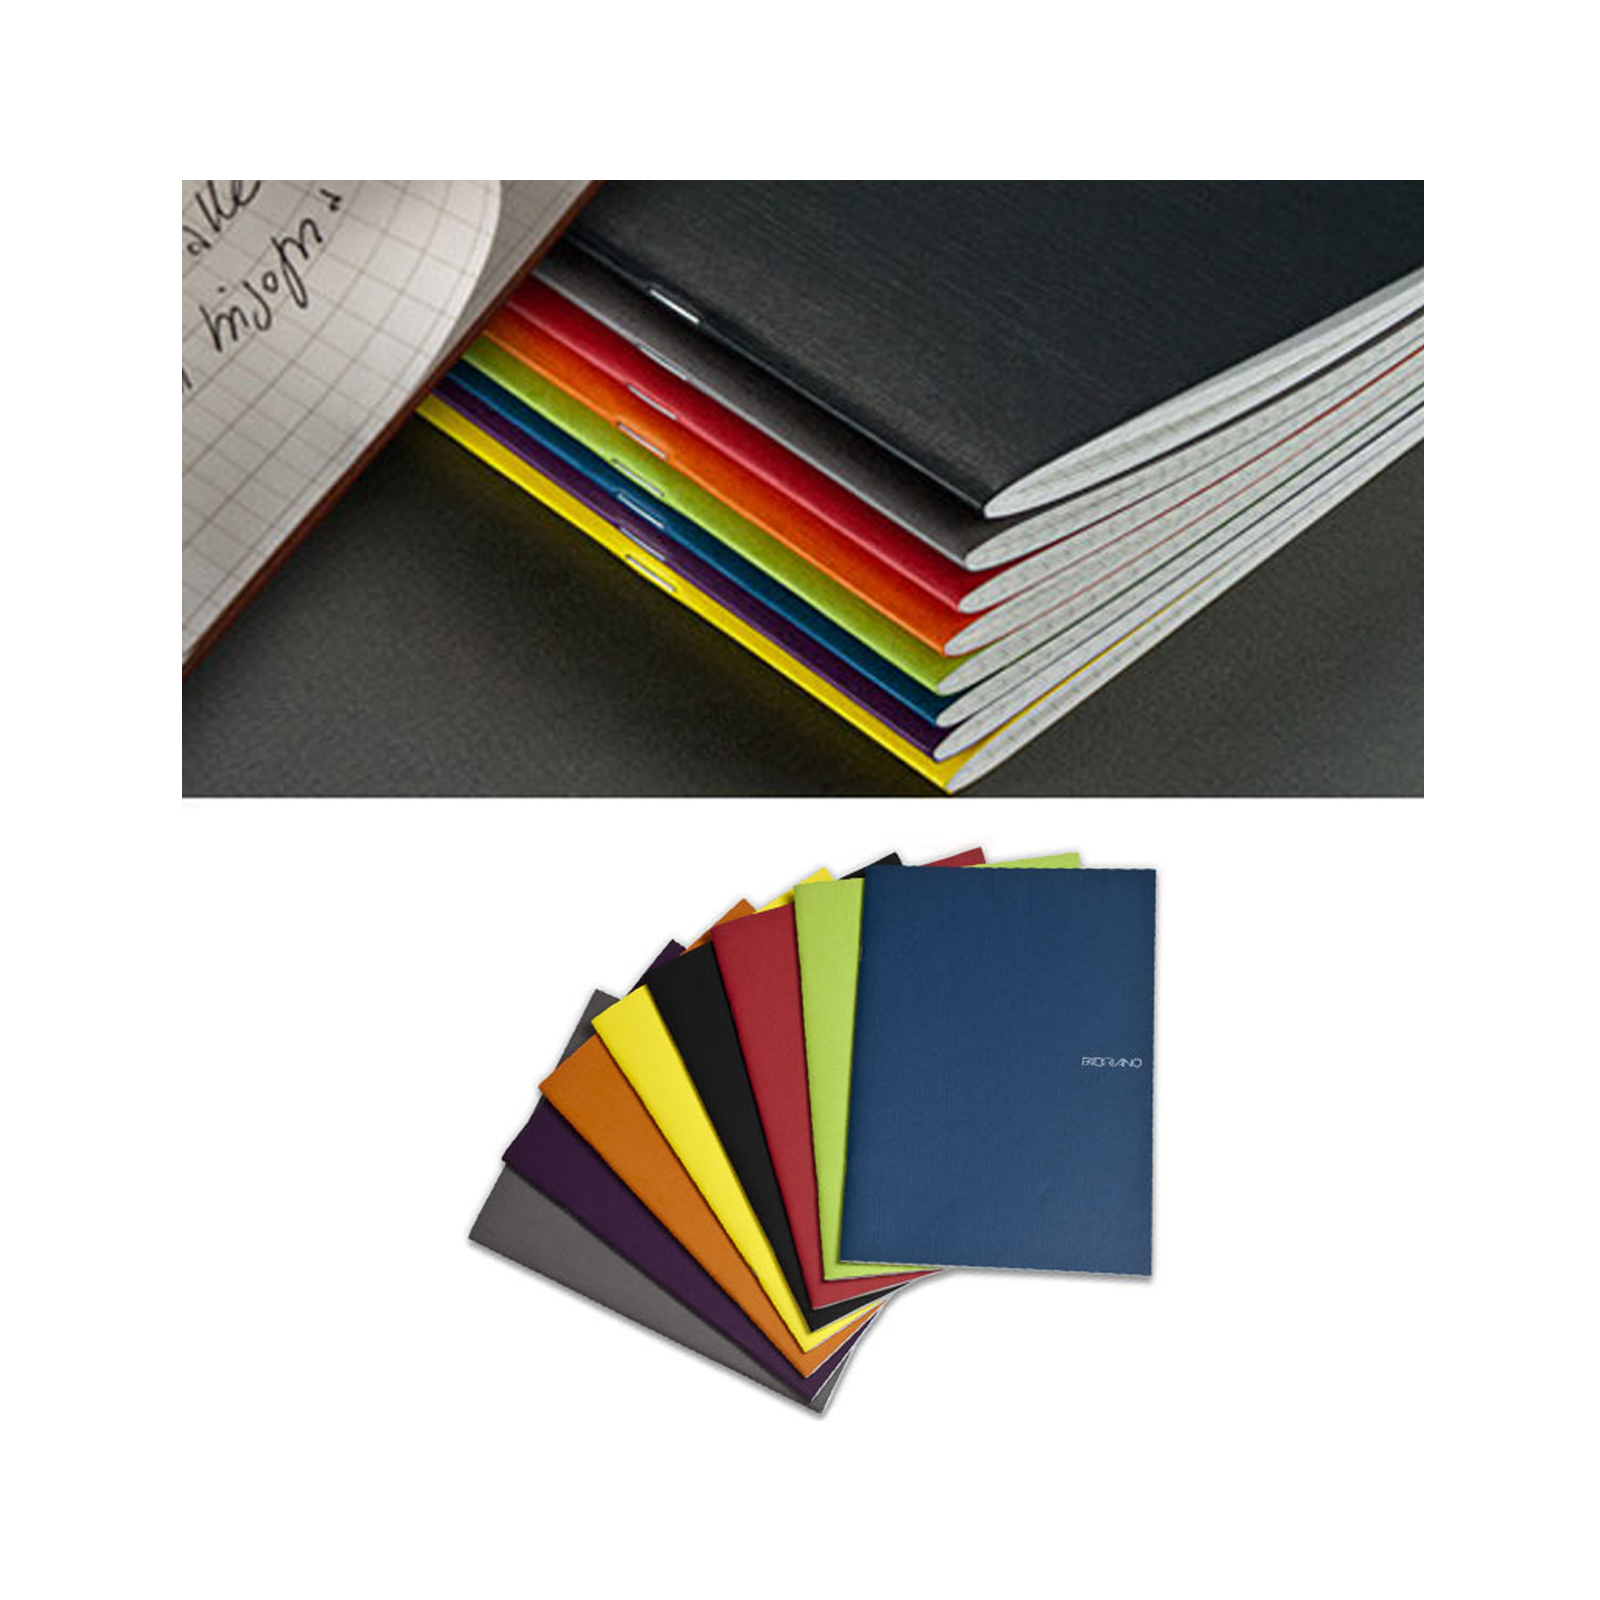 EcoQua Grid Notebooks